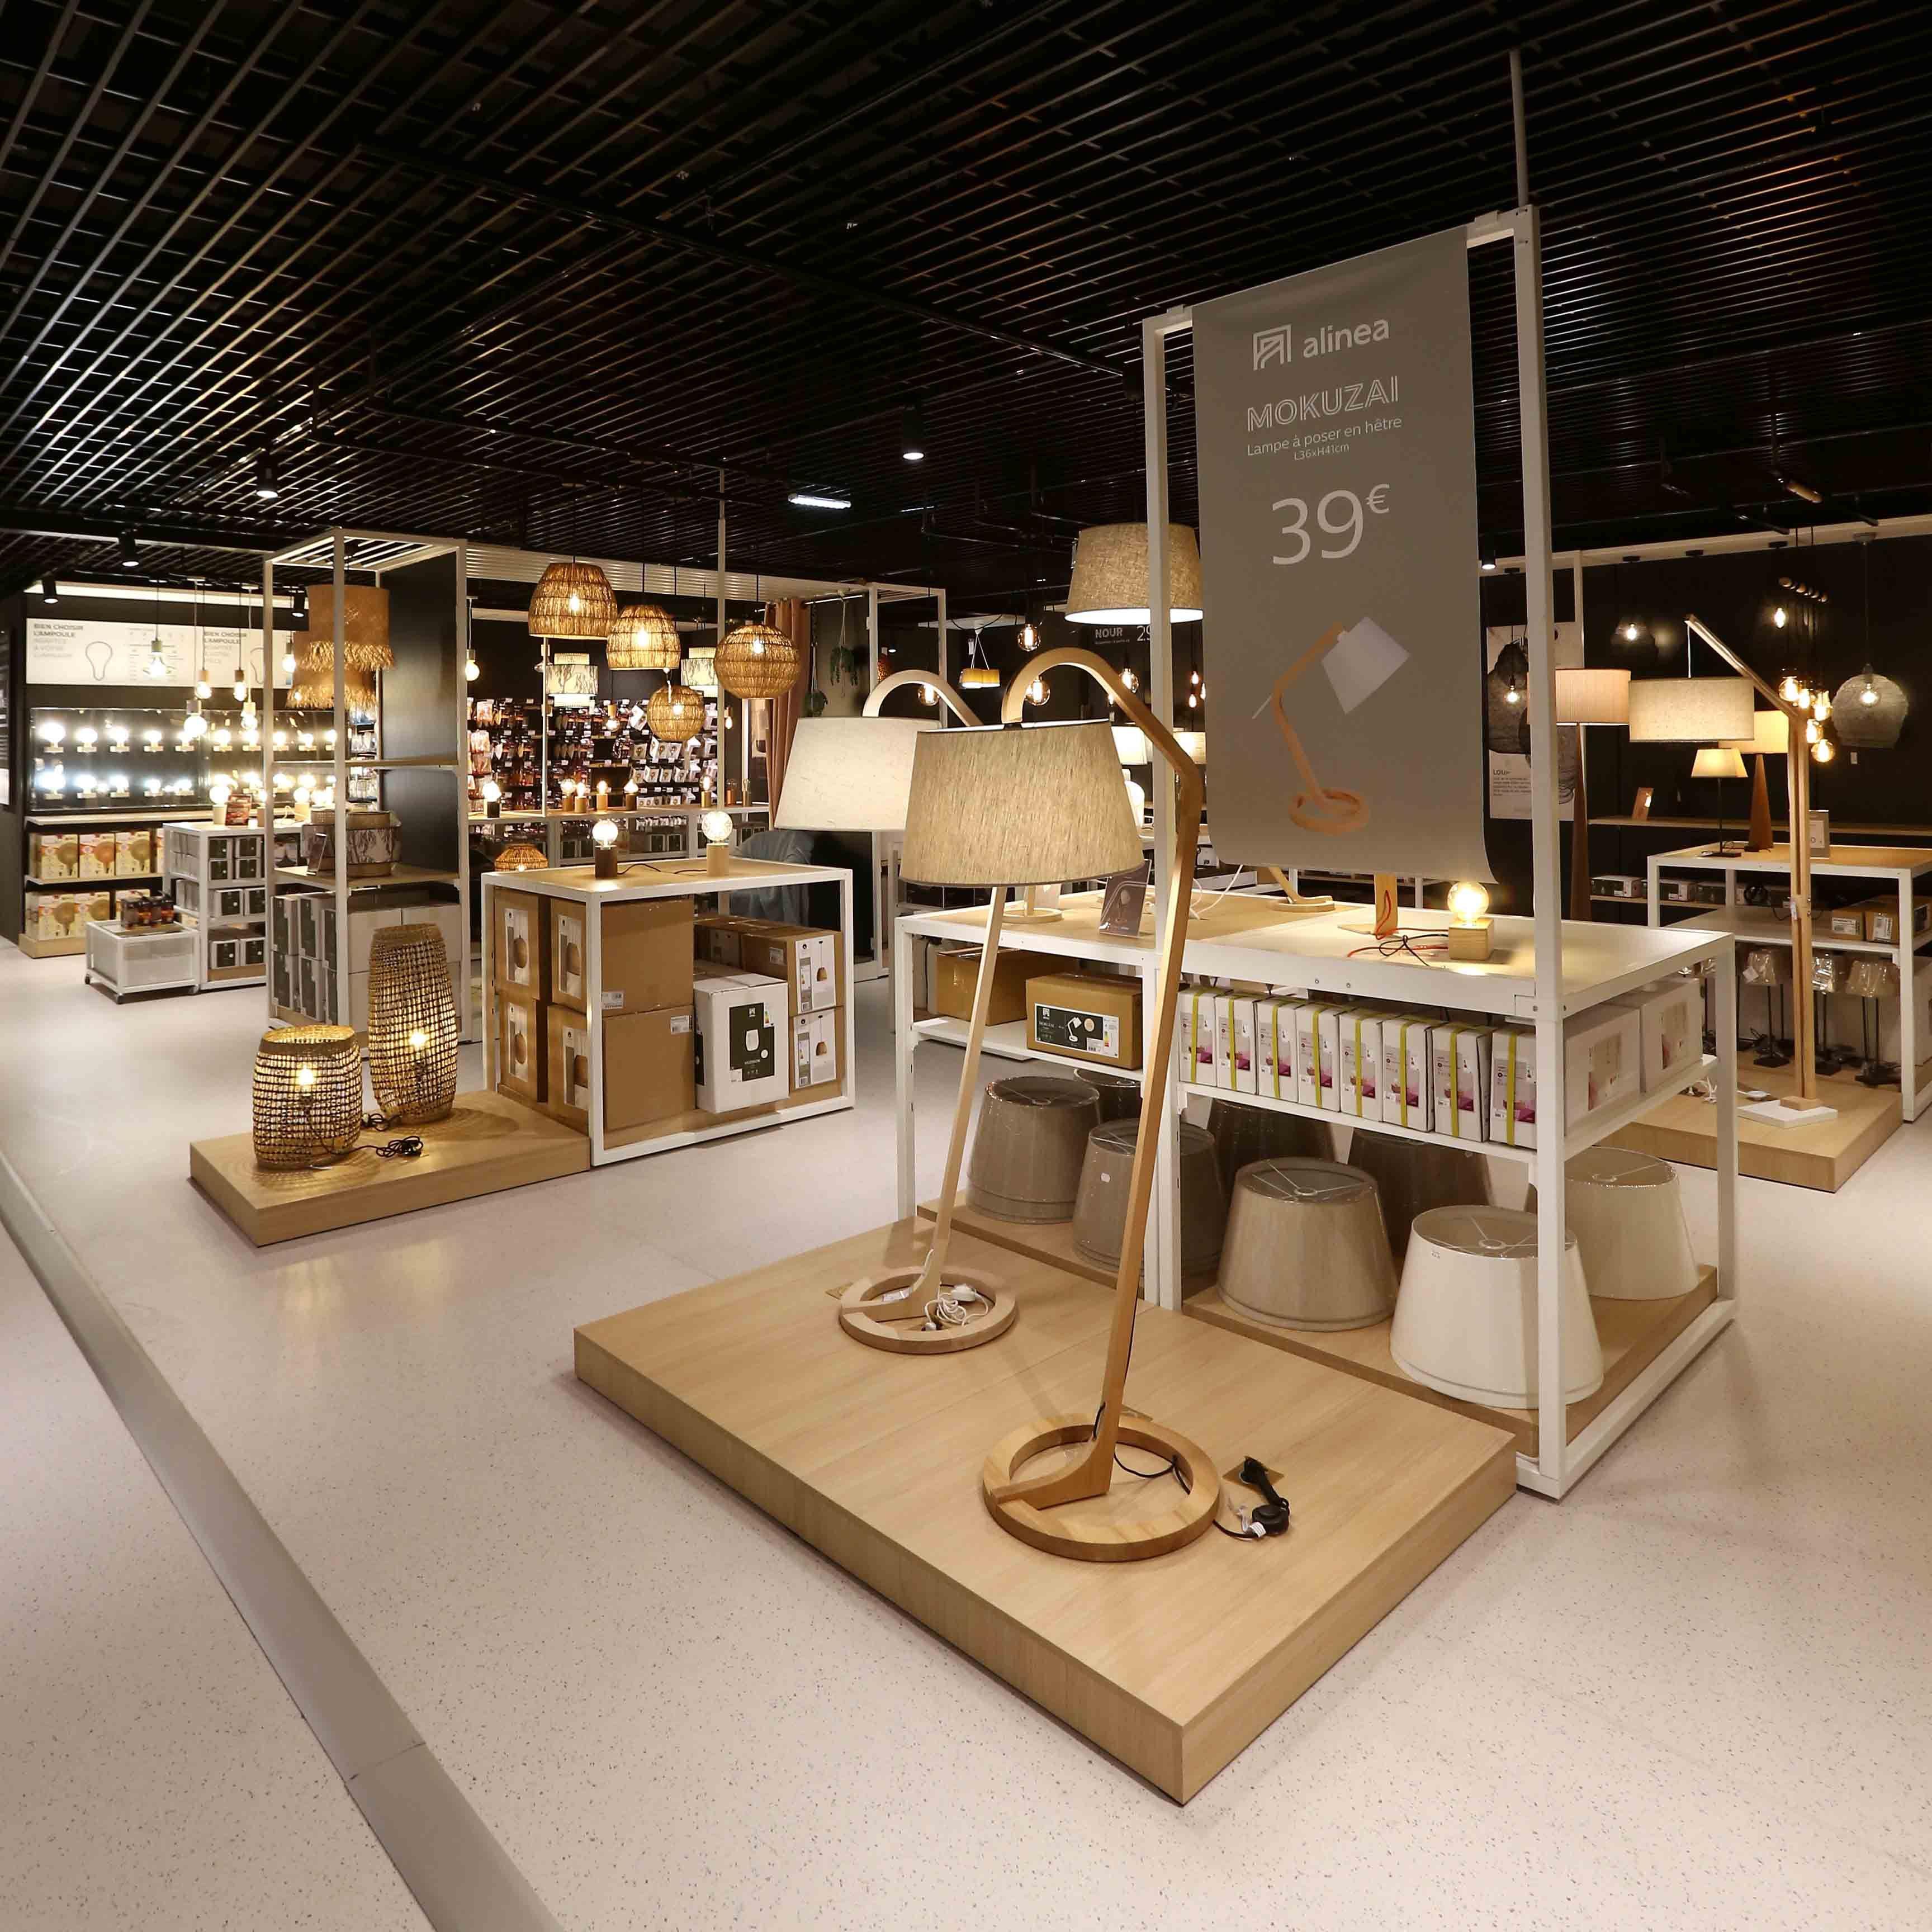 Nouveau Concept Mobilier Alinea Objet Decoration Mobilier De Salon Mobilier